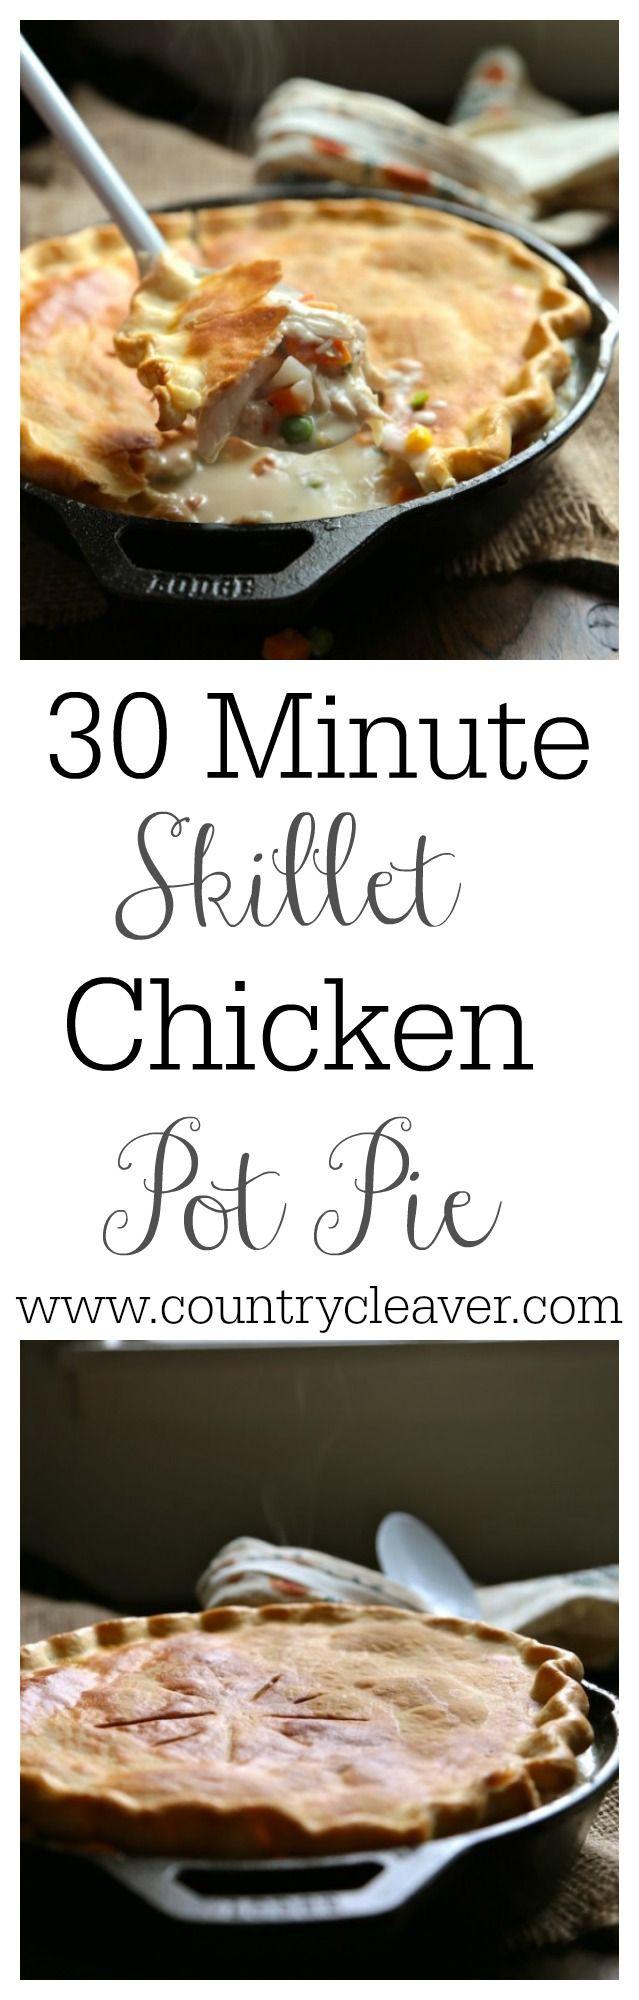 Chicken Recipe Love on Pinterest | Baked Chicken, Grilled Chicken ...